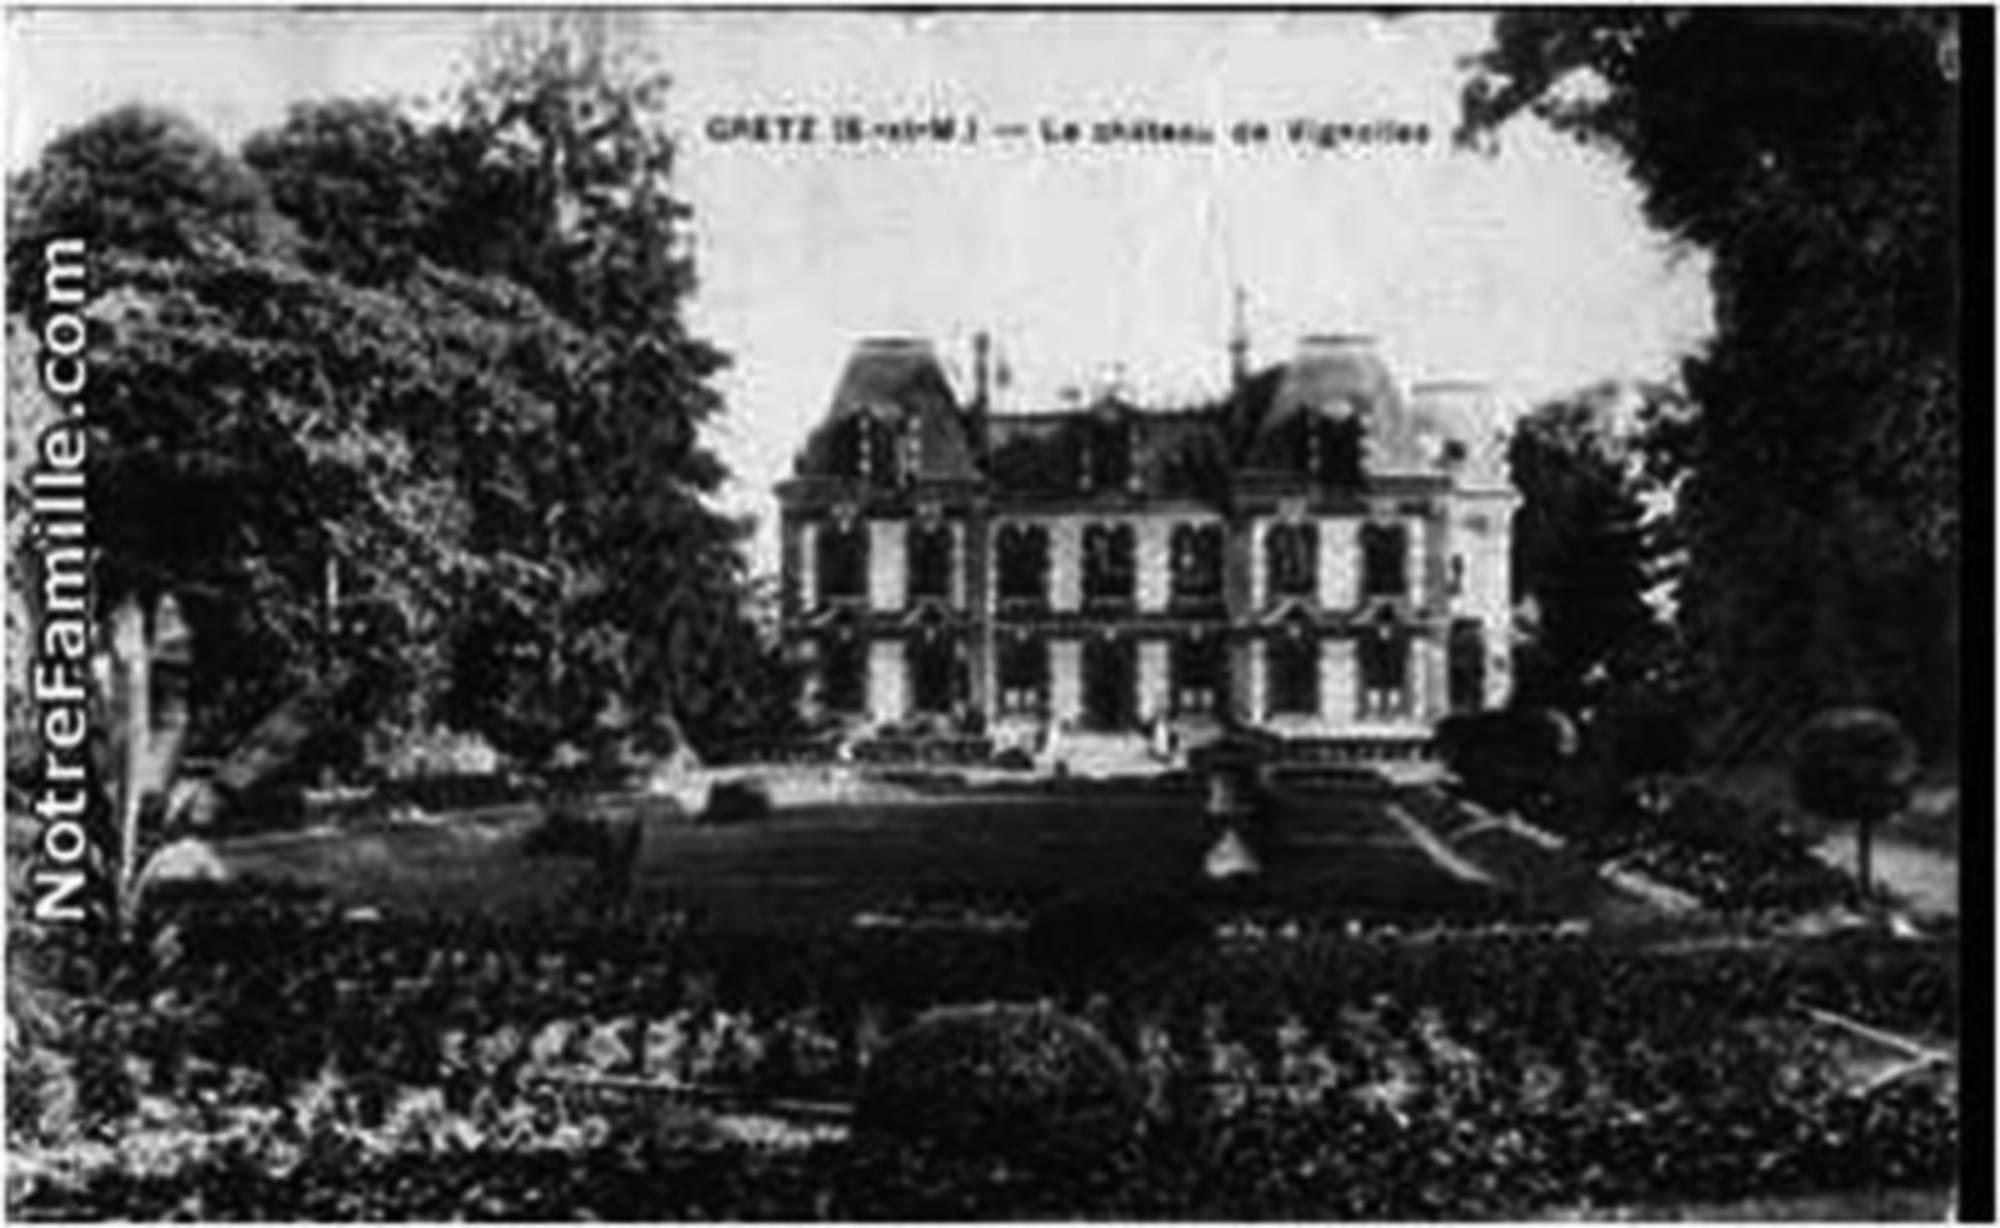 Polski zespół został ewakuowany i przez Rumunię trafił do Francji. Pułkownik Bertrand umieścił ich w tajnym ośrodku o kryptonimie Bruno pod Paryżem.